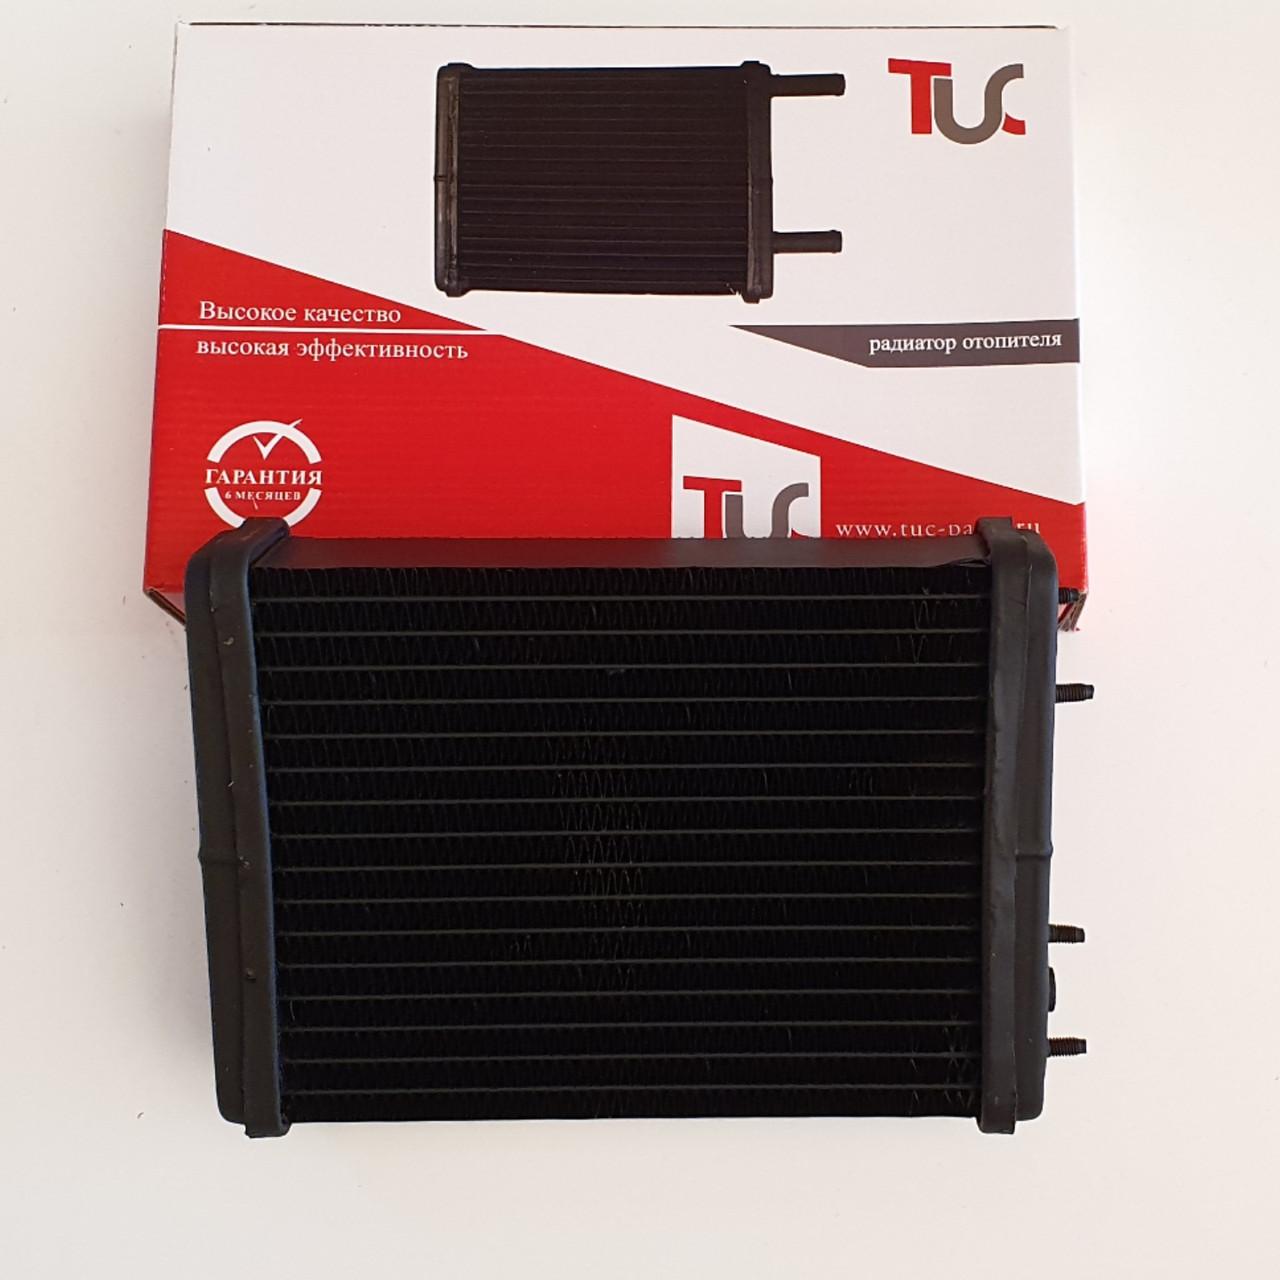 Радиатор Отопитель вaз 2101-2106-2107 (3 ряд)